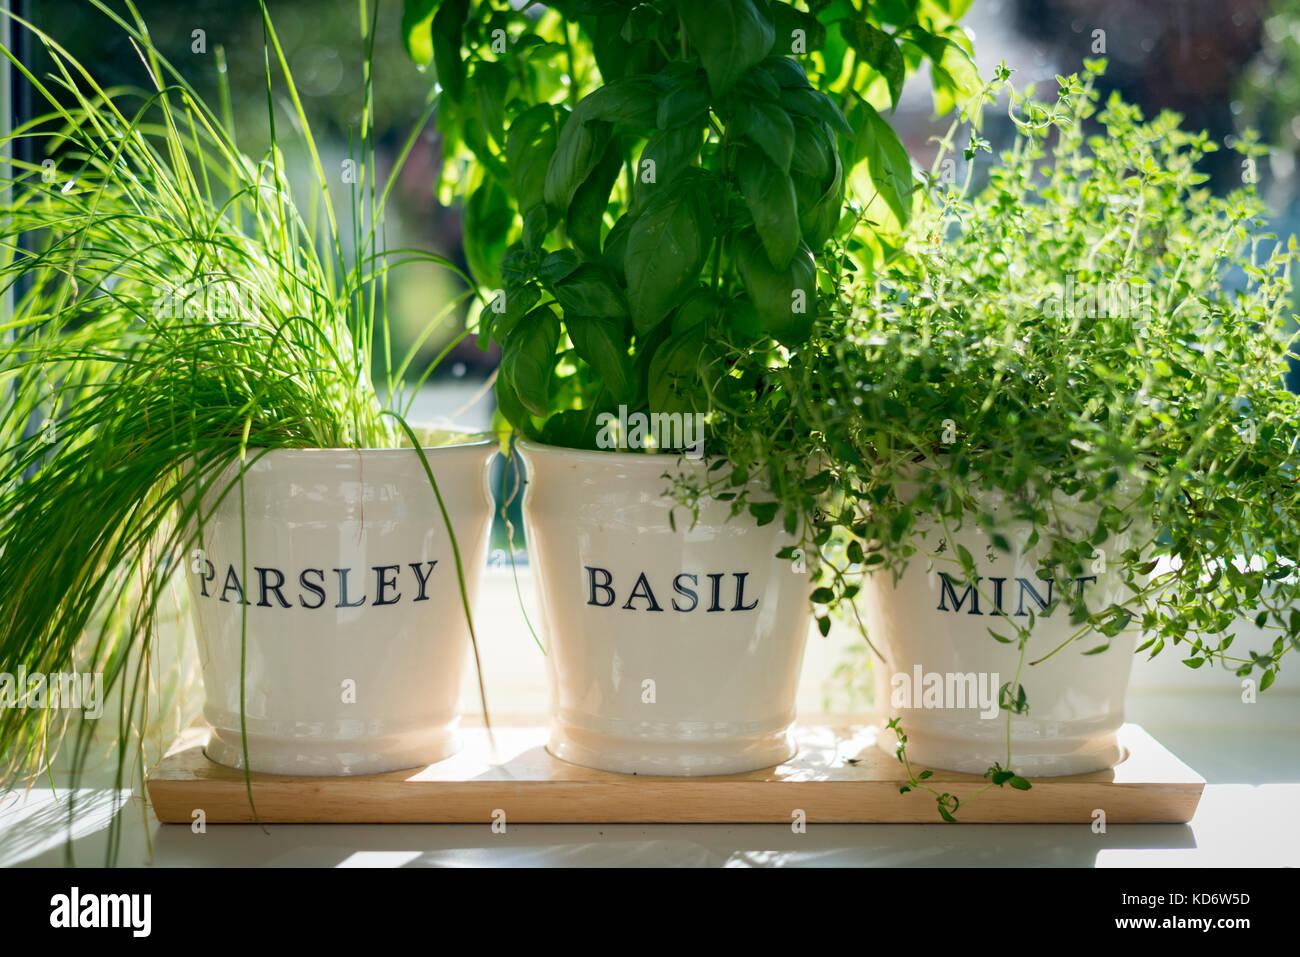 Il prezzemolo e basilico e menta erbe crescere in vasi per piante su ...